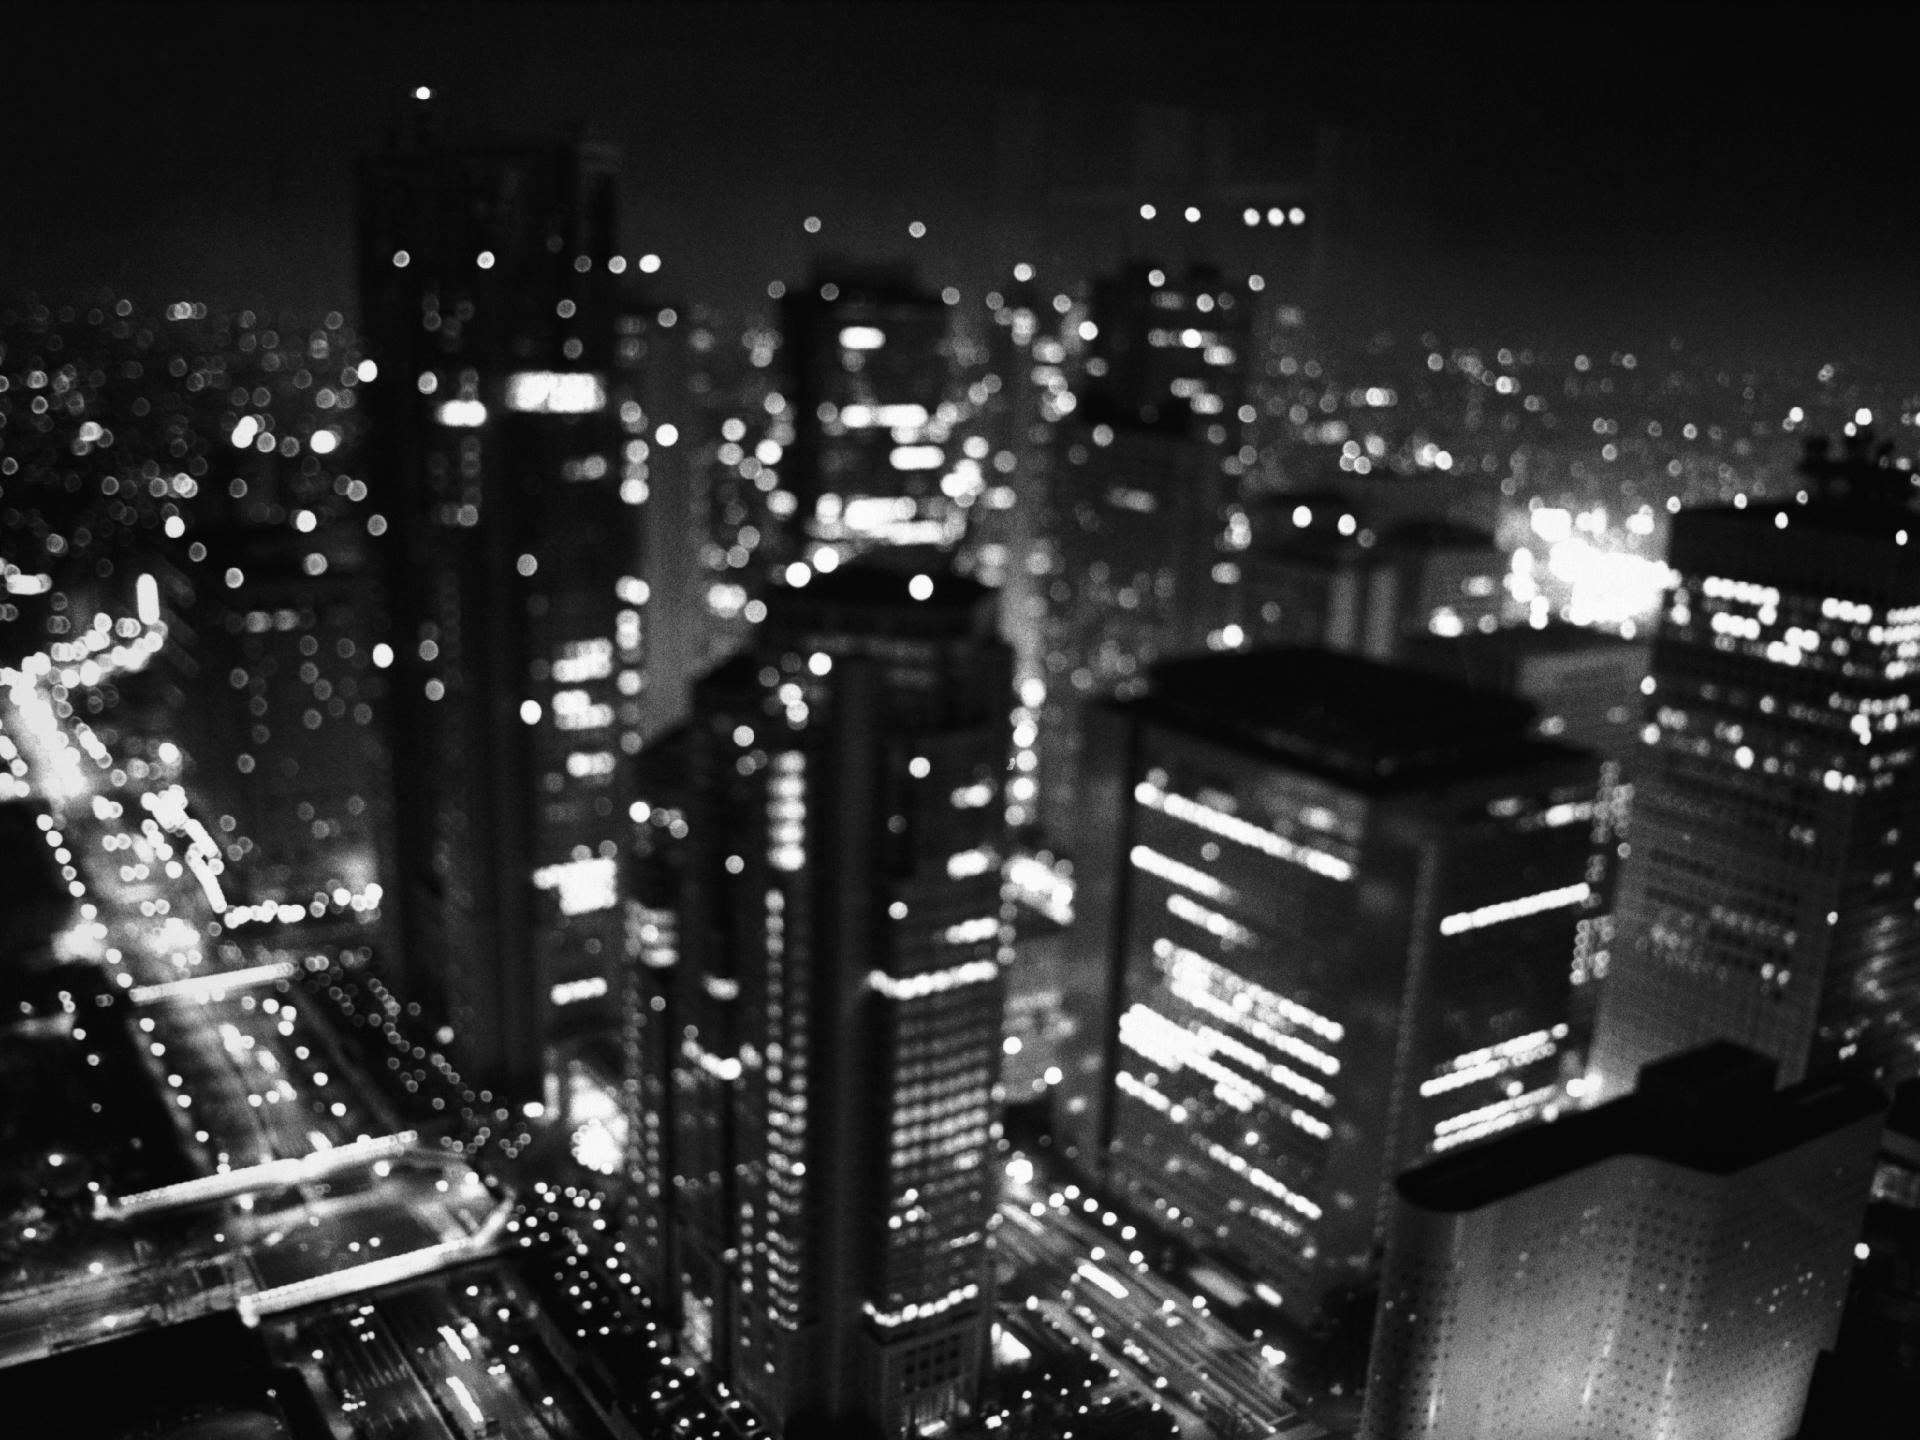 monochrome cityscape blur wallpaper 9367